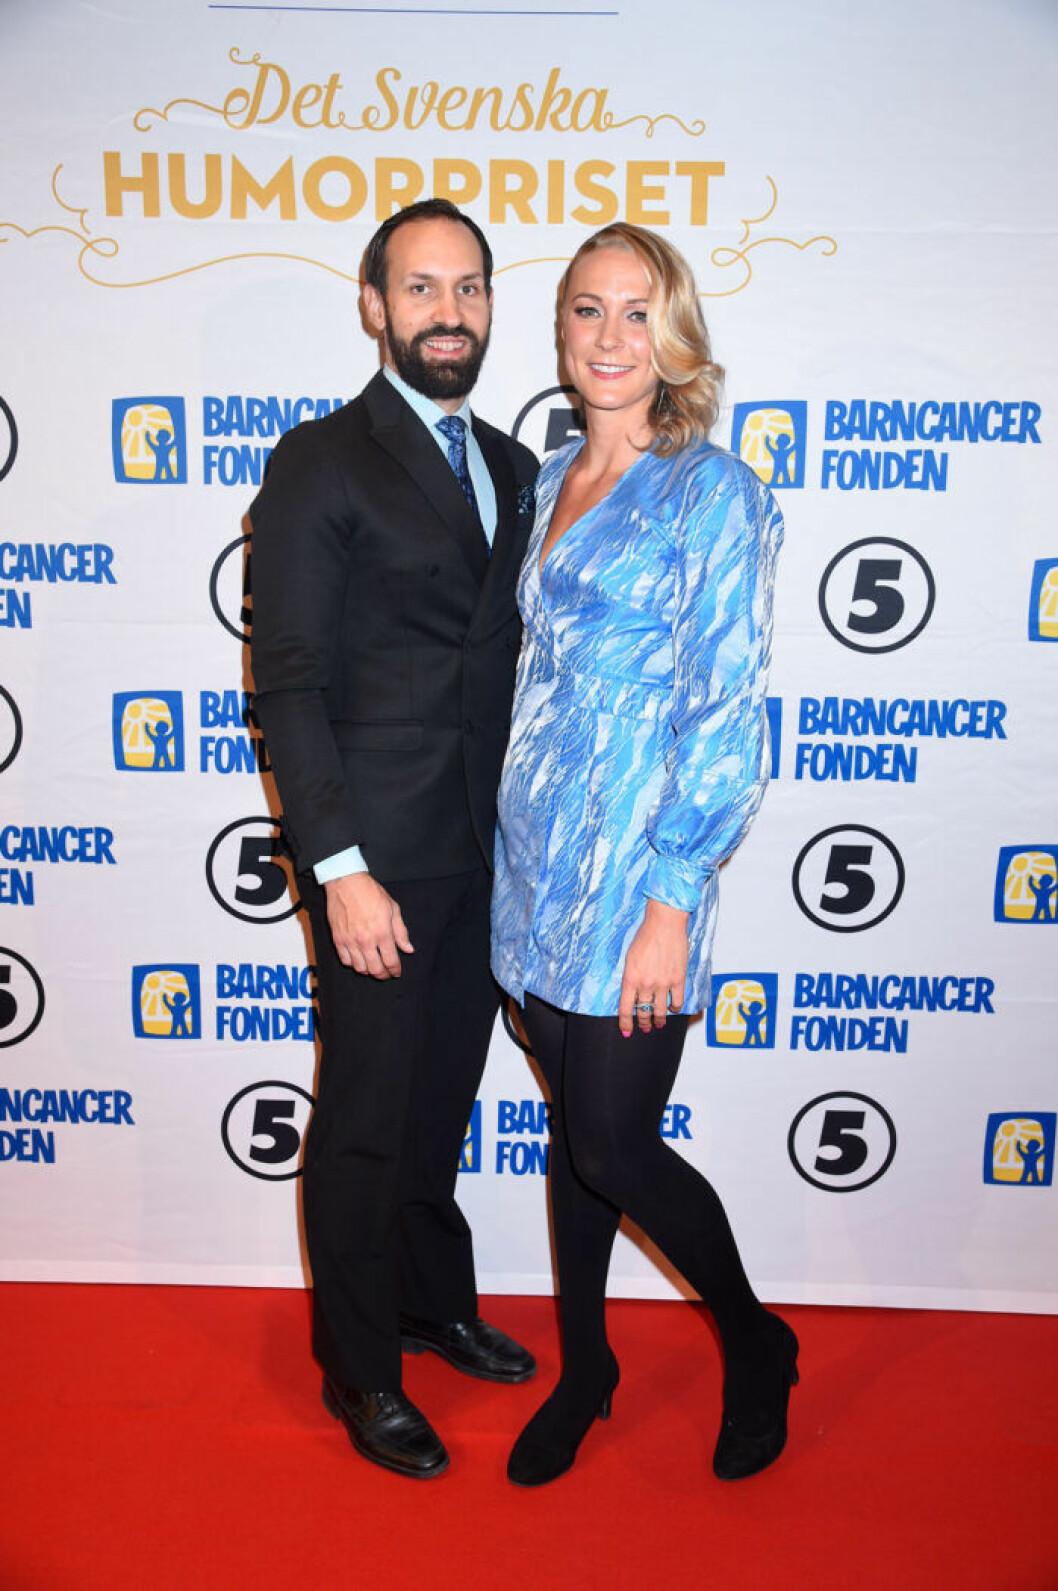 Johan de Jong Skierus och Sarah Sjöström på röda mattan på Barncancergalan 2019